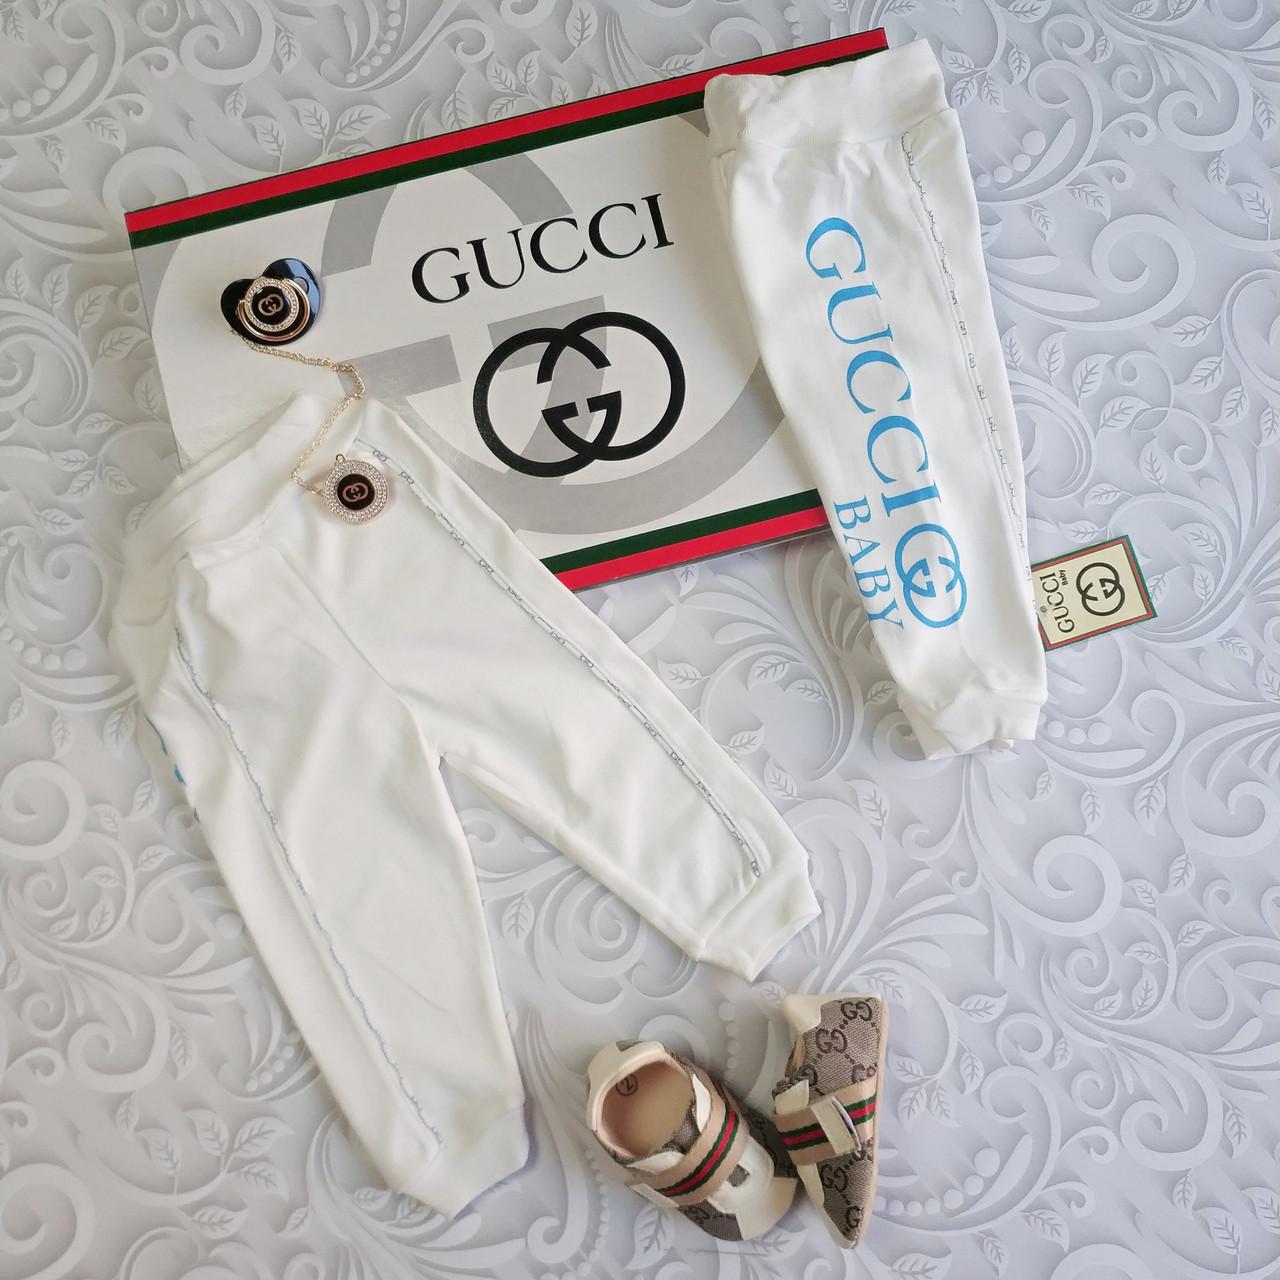 Хлопковые ползунки Gucci, штаны для новорожденных